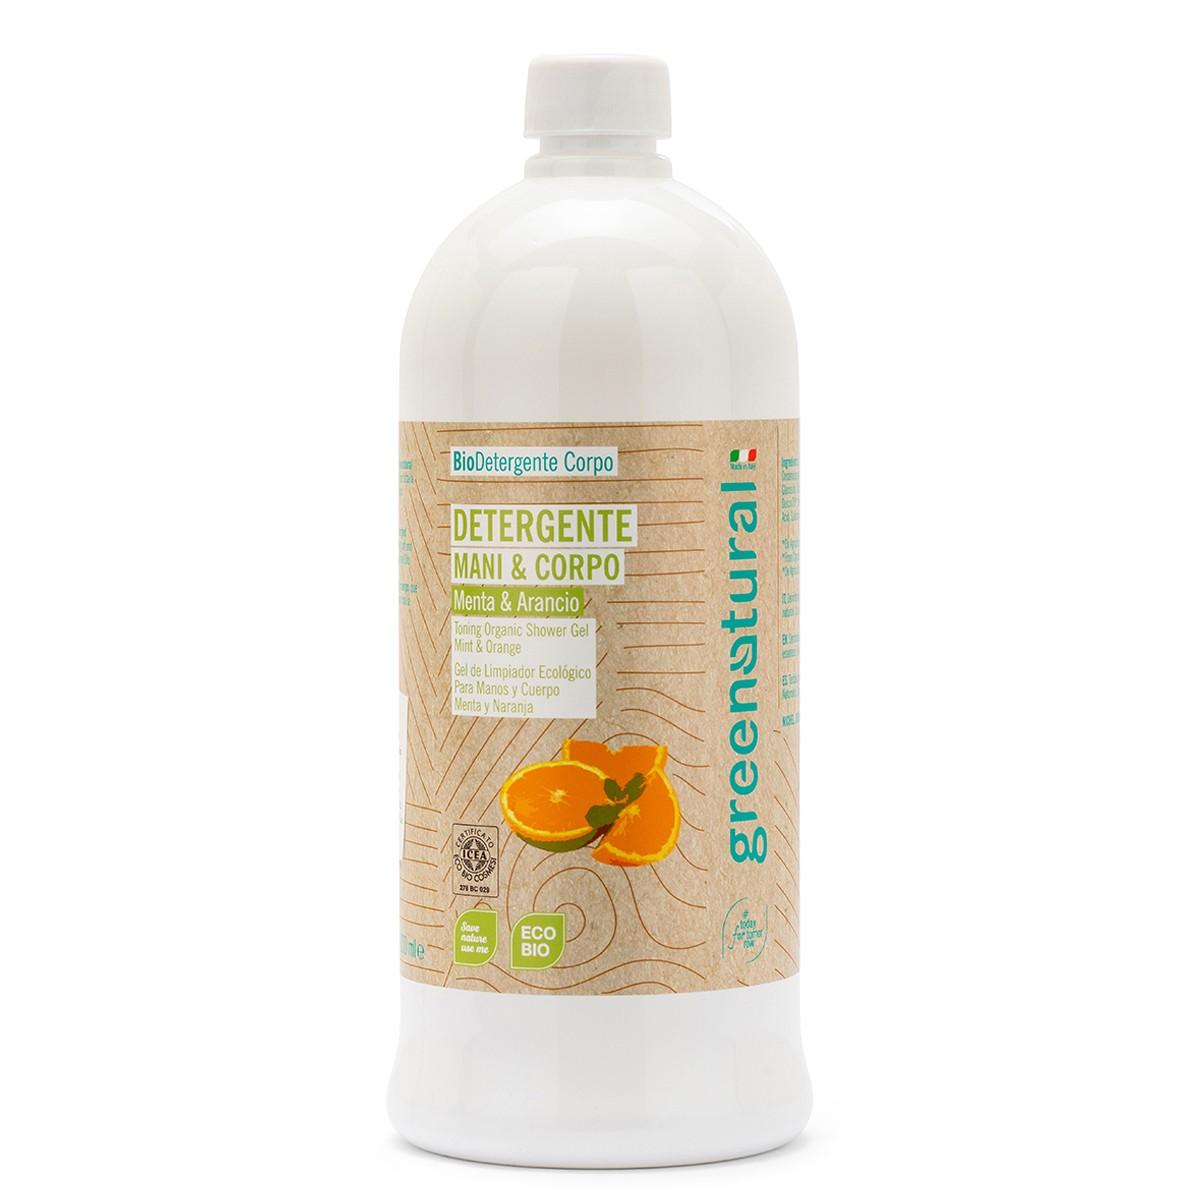 Detergente Mani E Corpo Menta & Arancio - 1 Litro